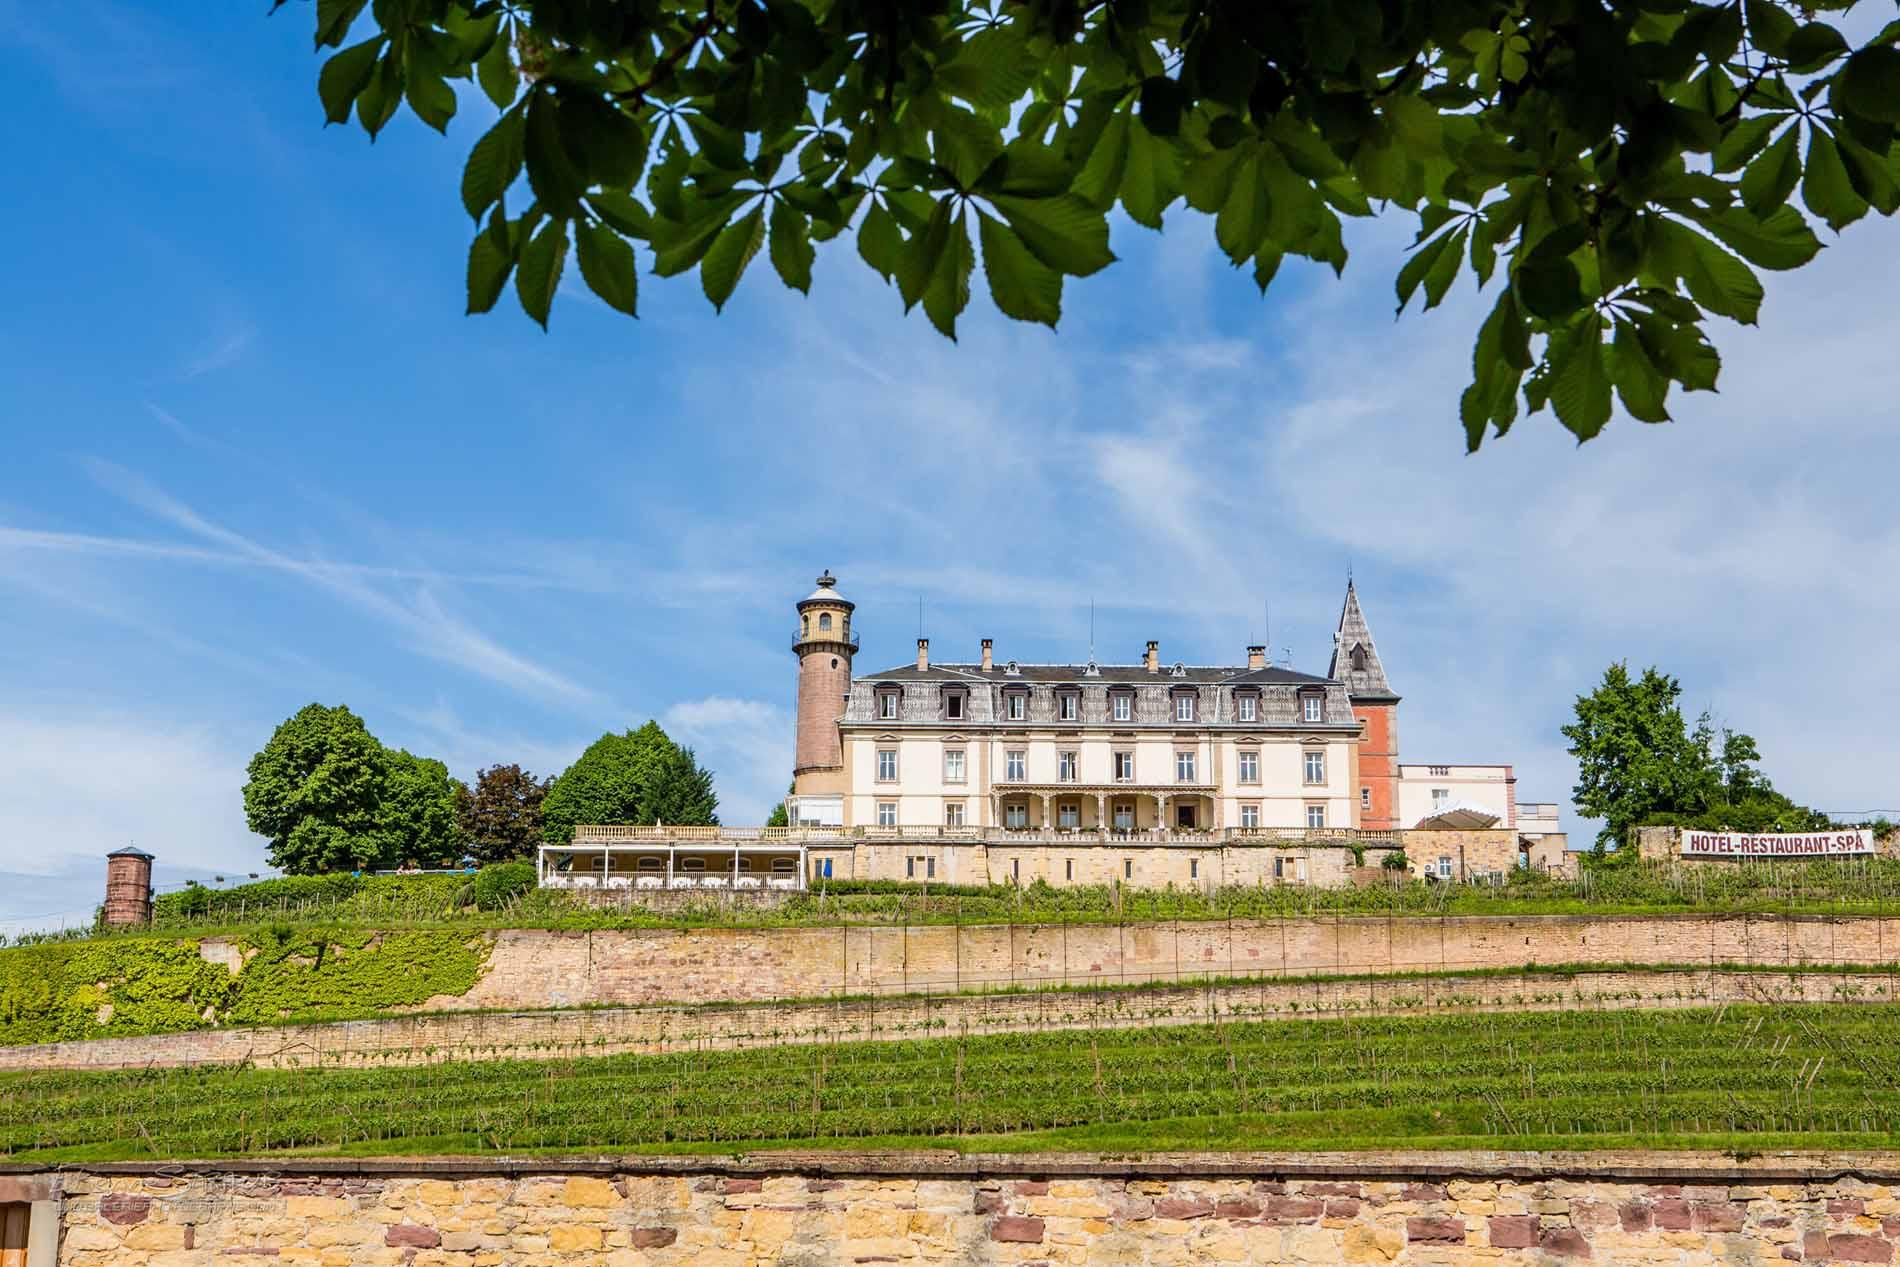 Château d'Isenbourg Château-Hôtel***** Restaurant et Spa, Rouffach, Pays de Rouffach, Vignobles et Châteaux, Haut-Rhin, Alsace